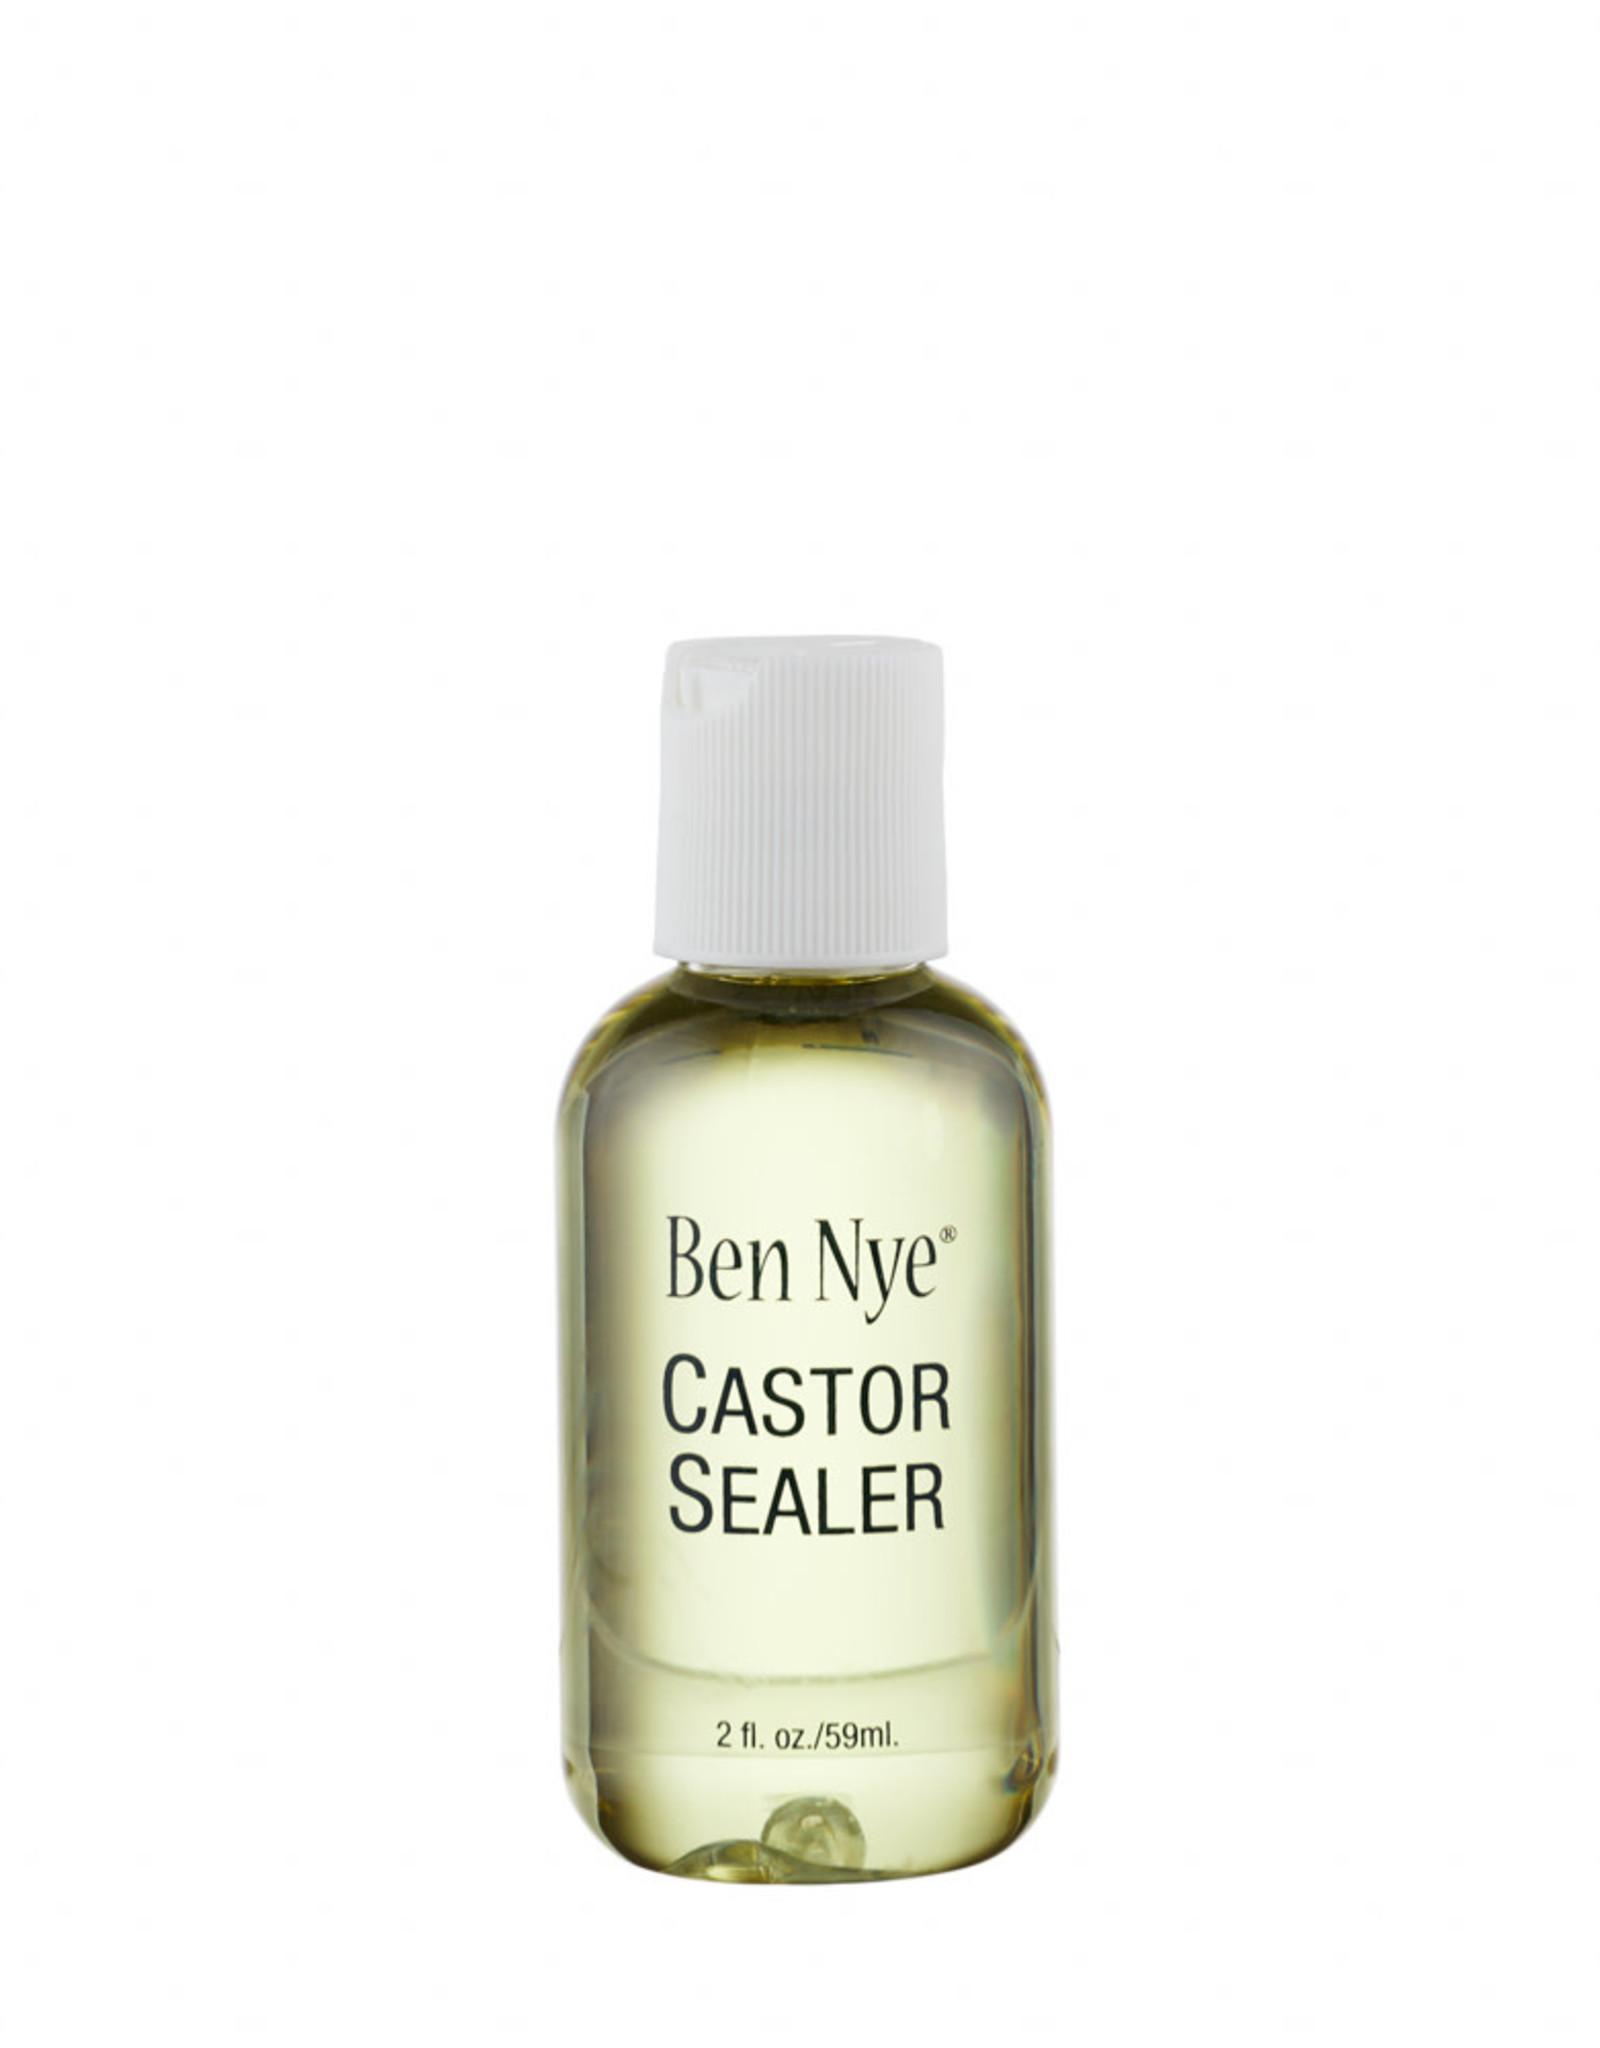 Ben Nye FX CASTOR SEALER, 2 FL OZ